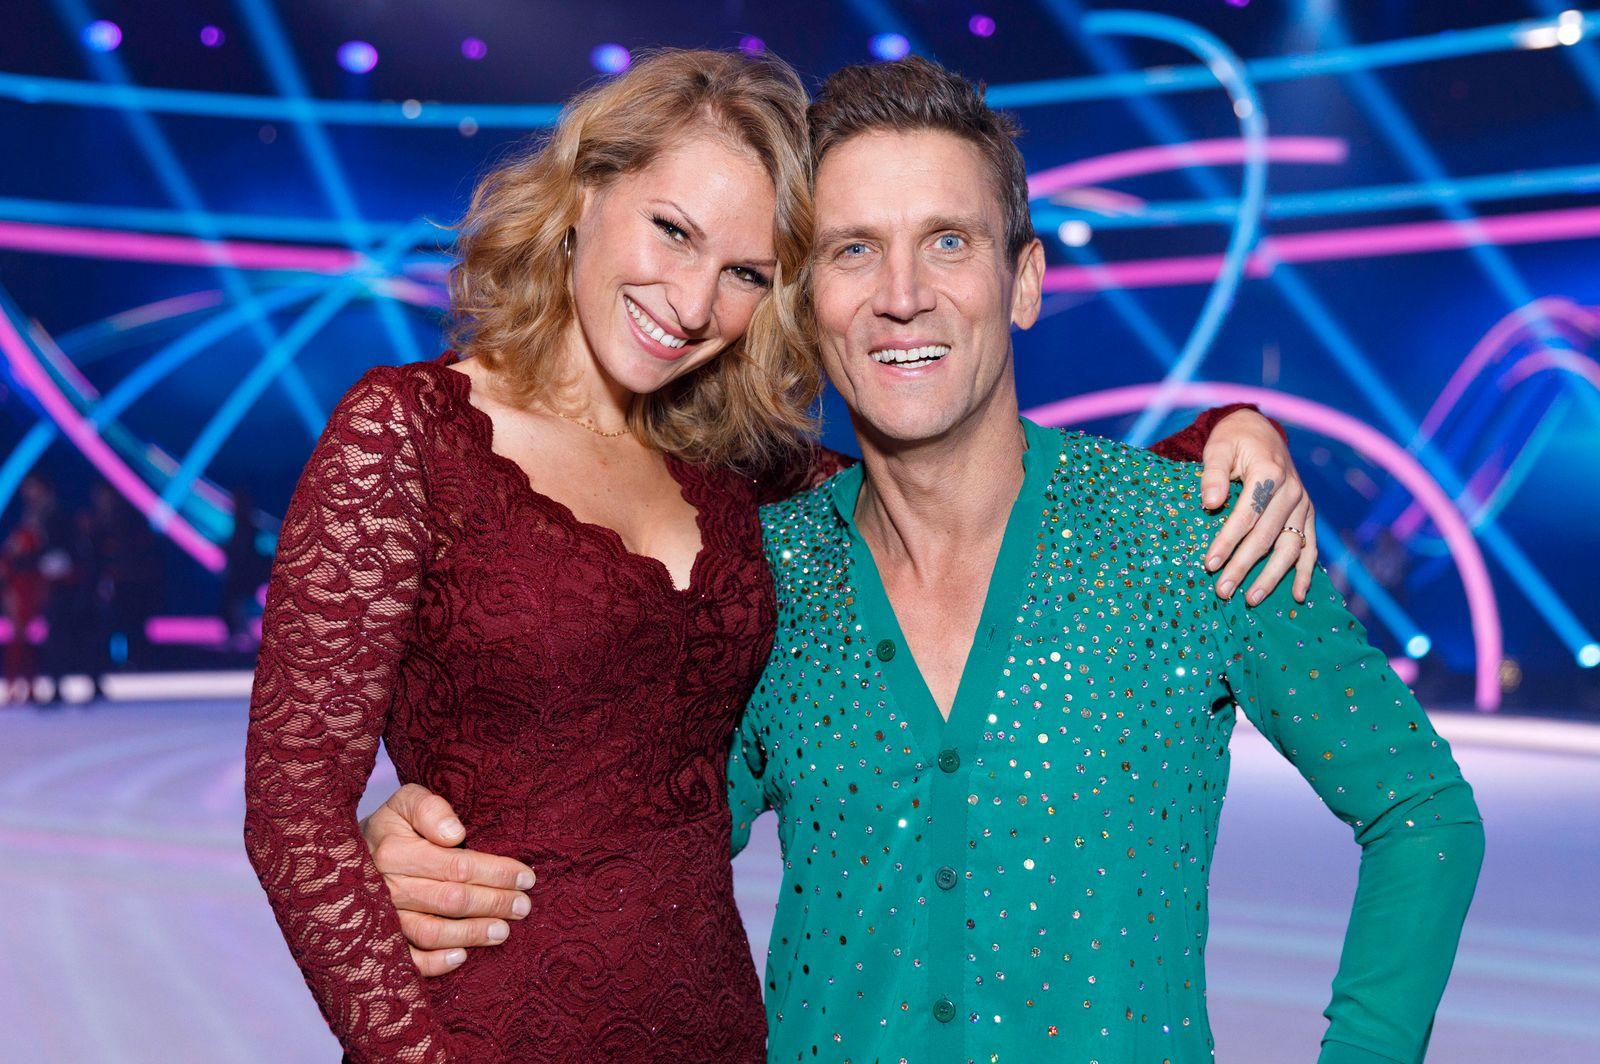 Peer Kusmagk mit Ehefrau Janni Hönscheid in der 5. Live-Sendung der zweiten Staffel der Sat.1 Show Dancing on Ice in de